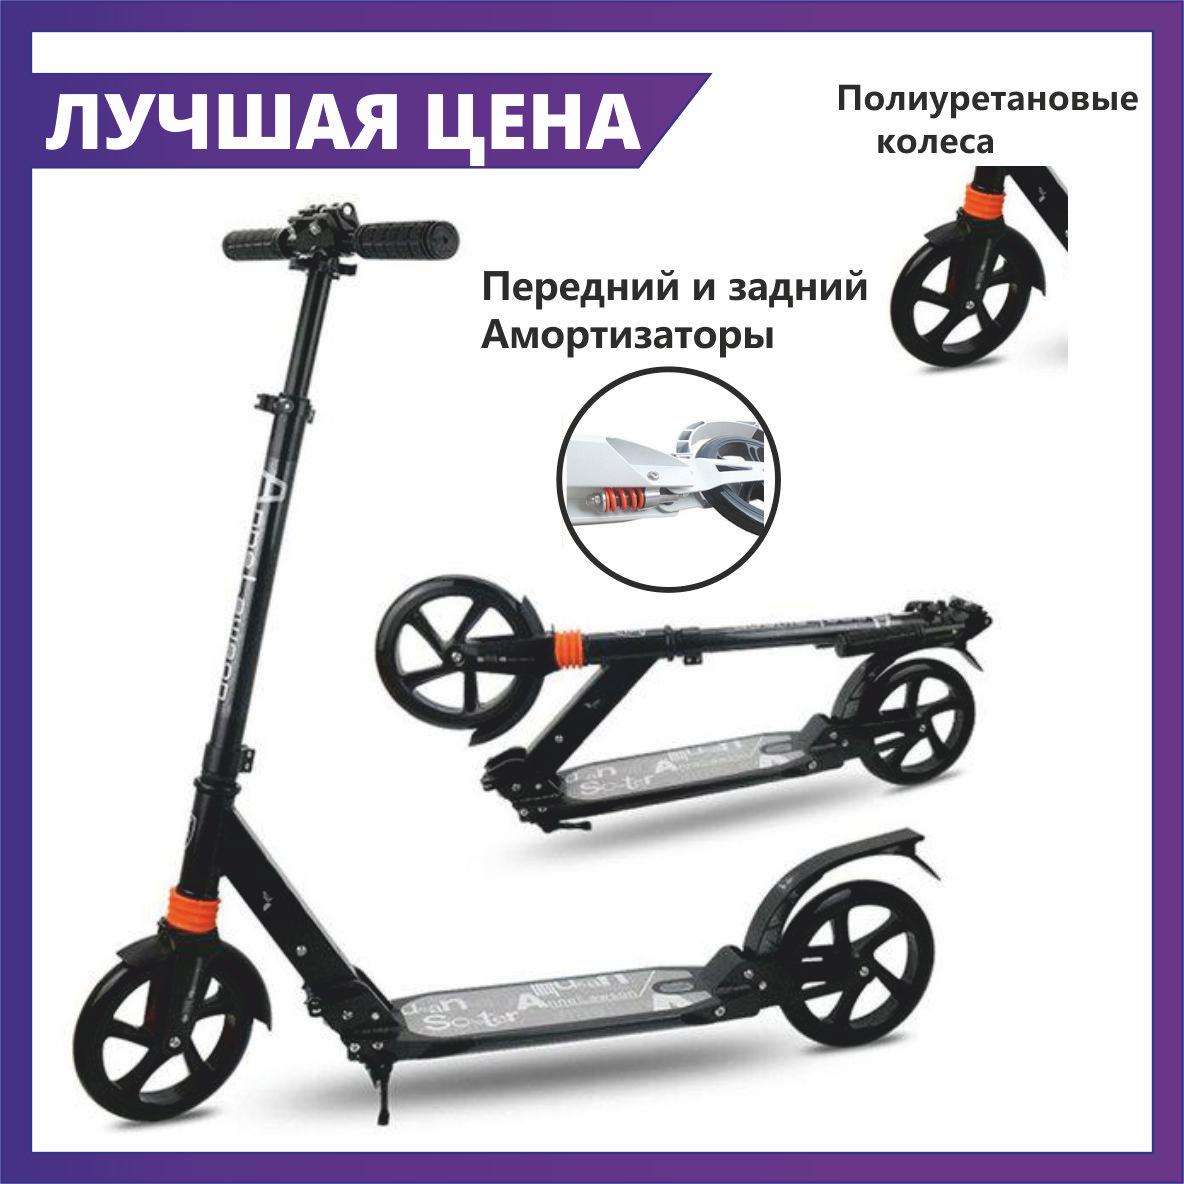 🛴 Самокат городской складной Urban Scooter c ручным тормозом и амортизатором (черный или белый)